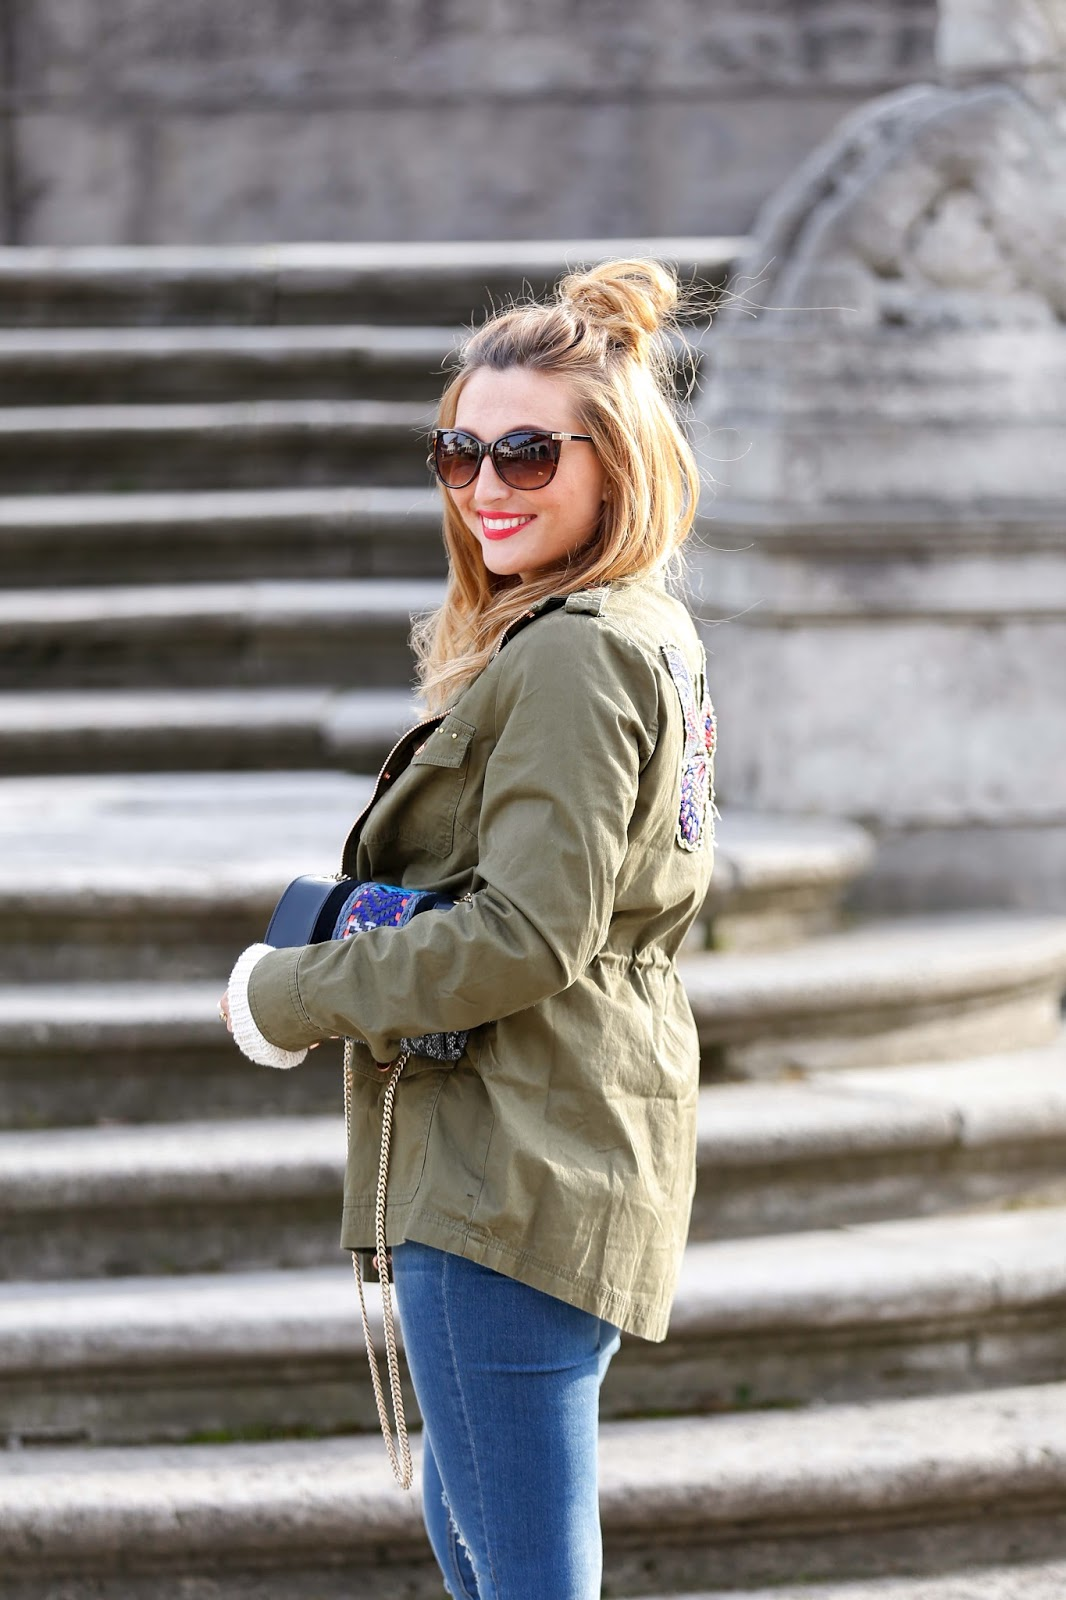 Blogger-style-fashionblogger-aus-deutschland-deutsche-fashionblogger-Fashionstylebyjohanna-blogger-aus-deutshland